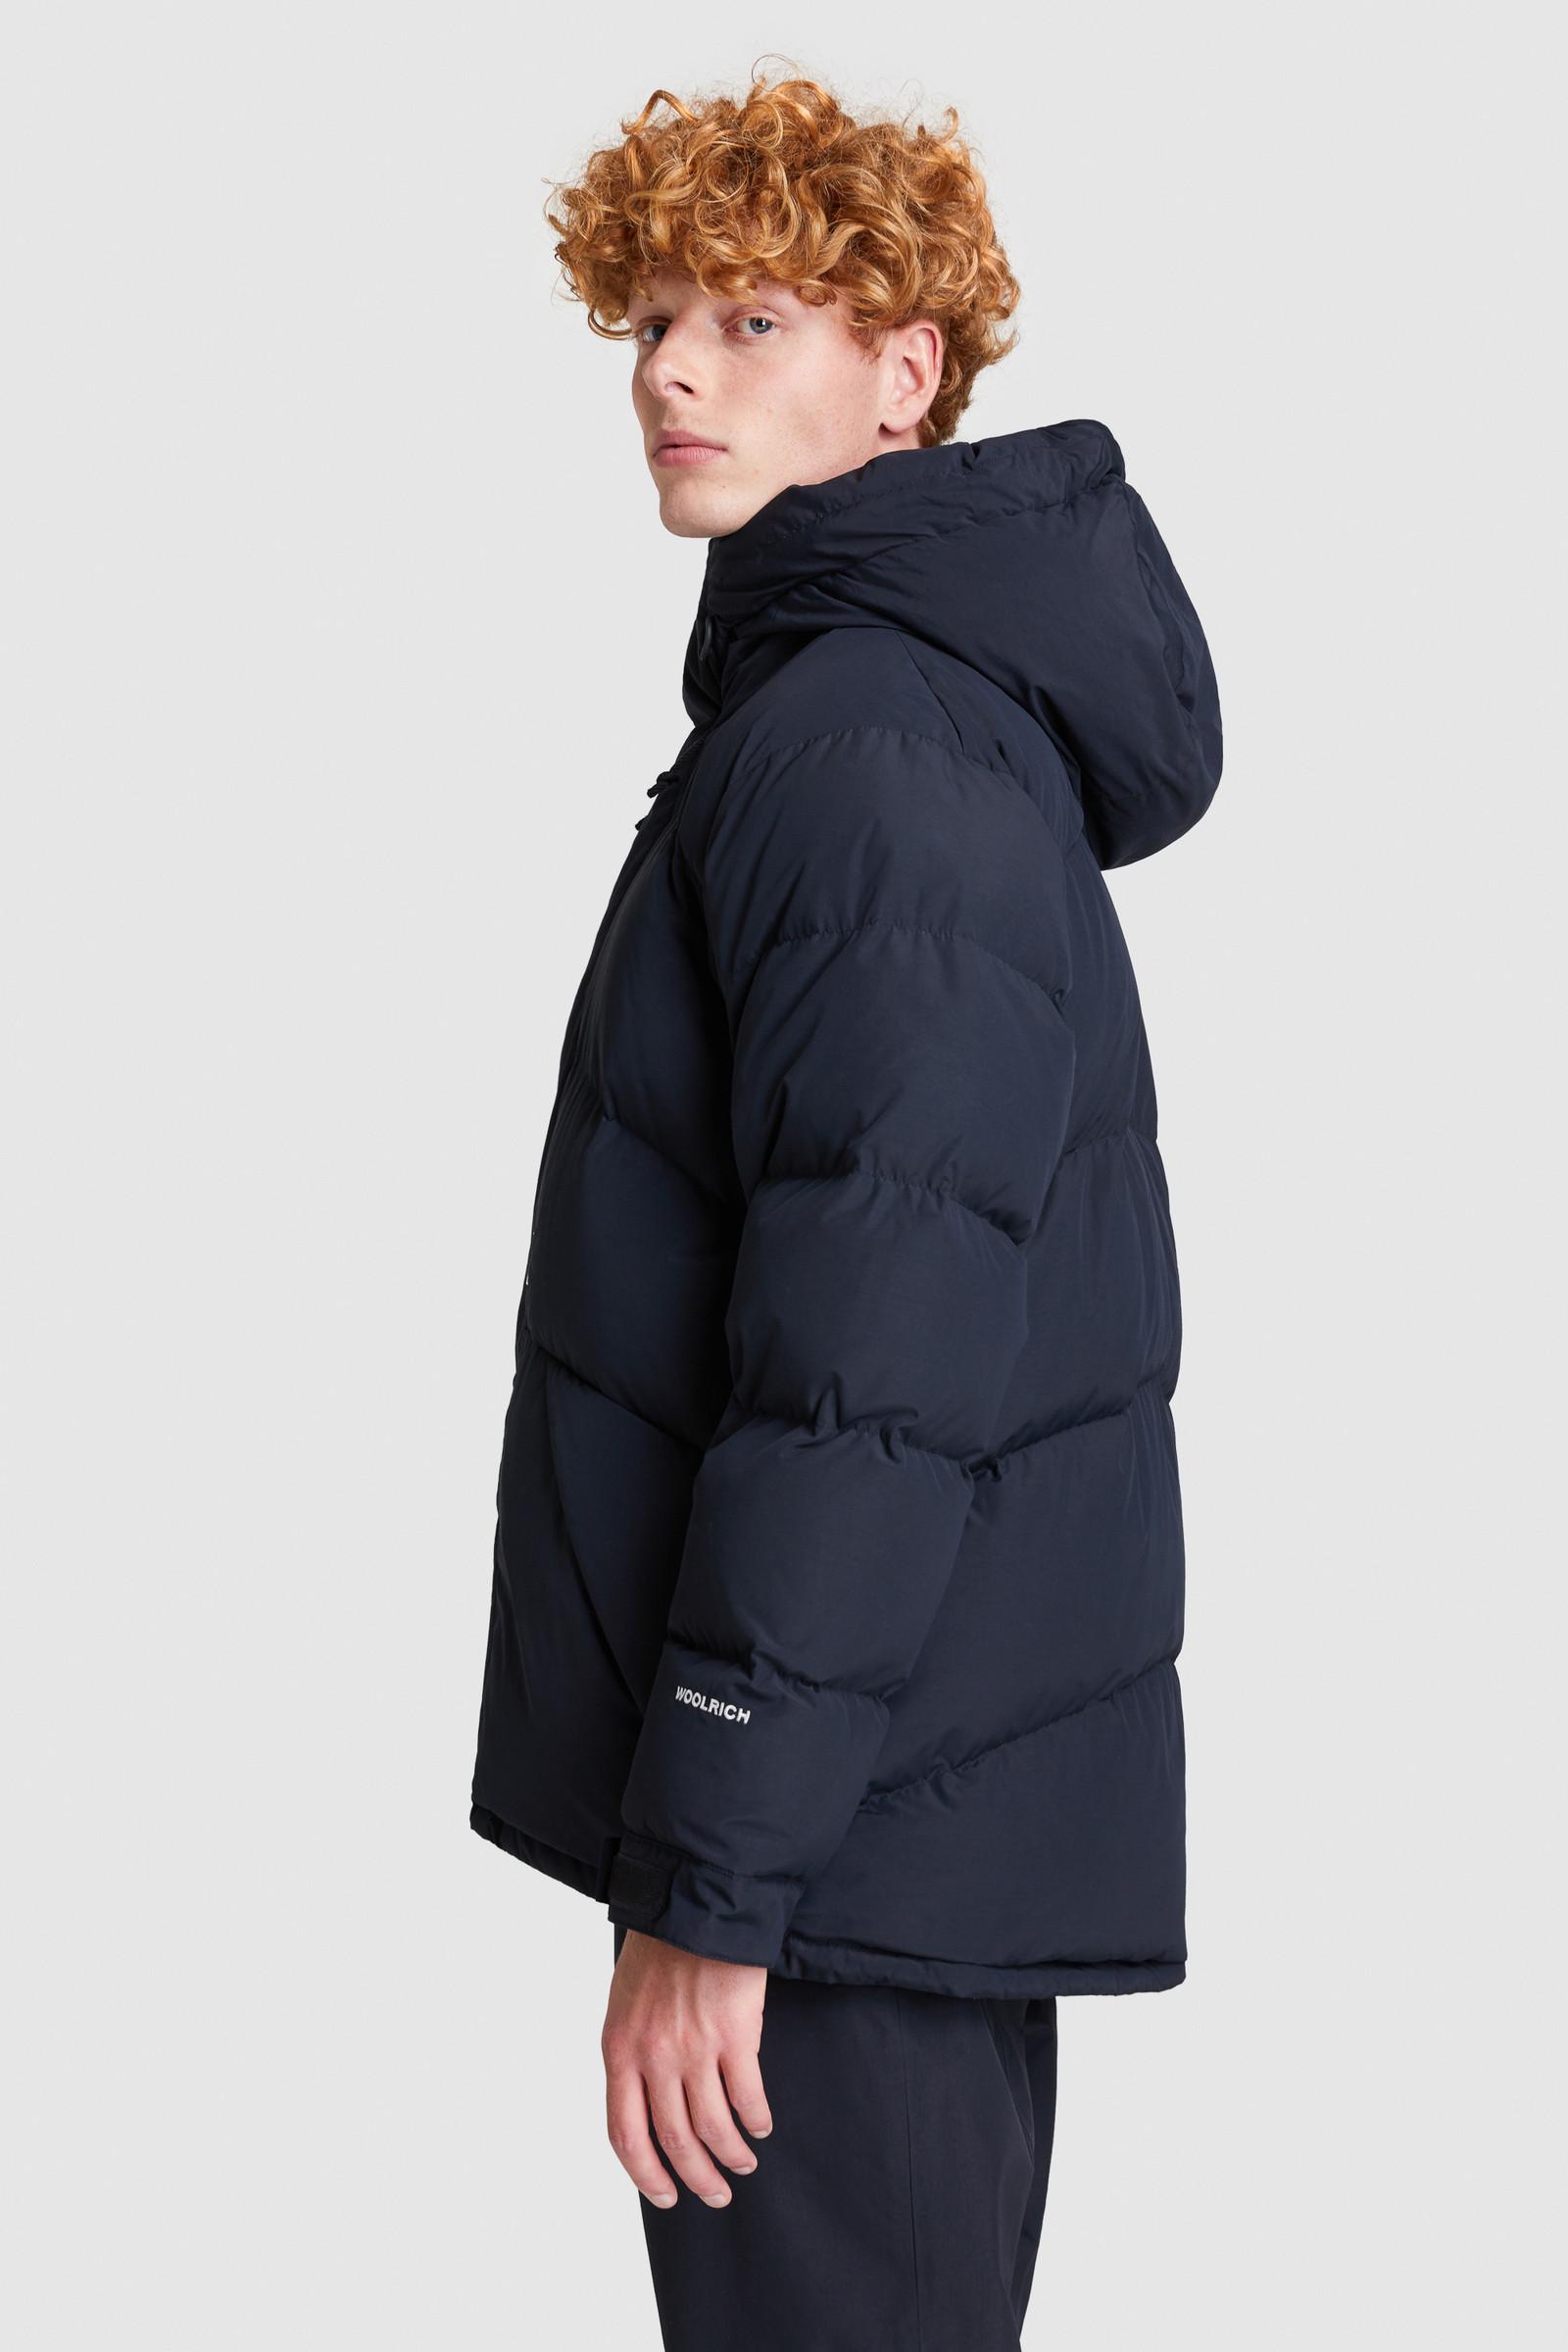 Greylock Padded Jacket